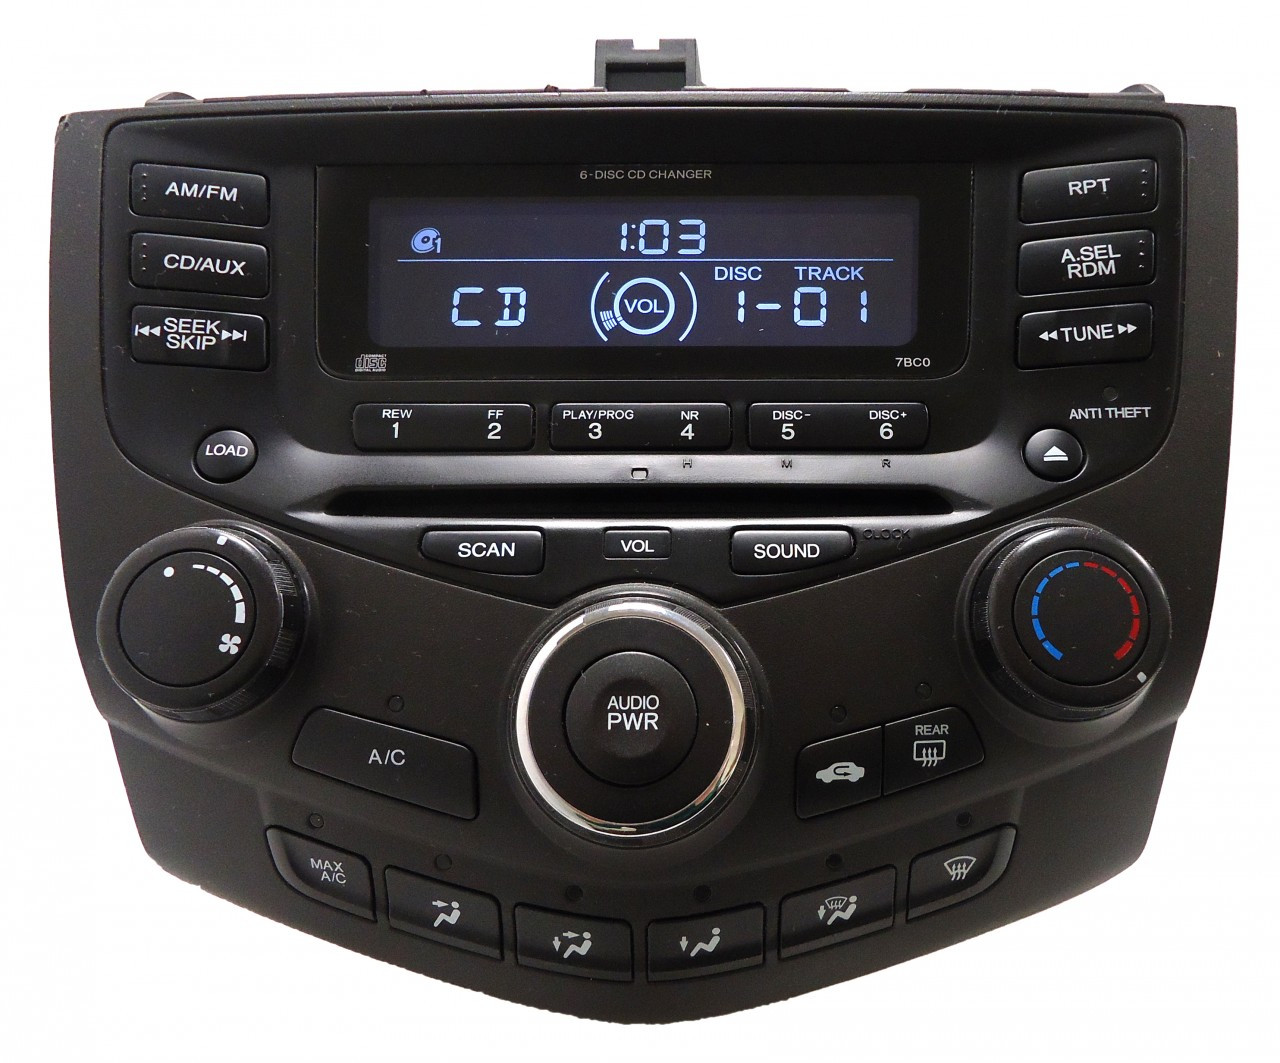 Accord Wiring Diagram Vfr 750 95 Honda Stereo